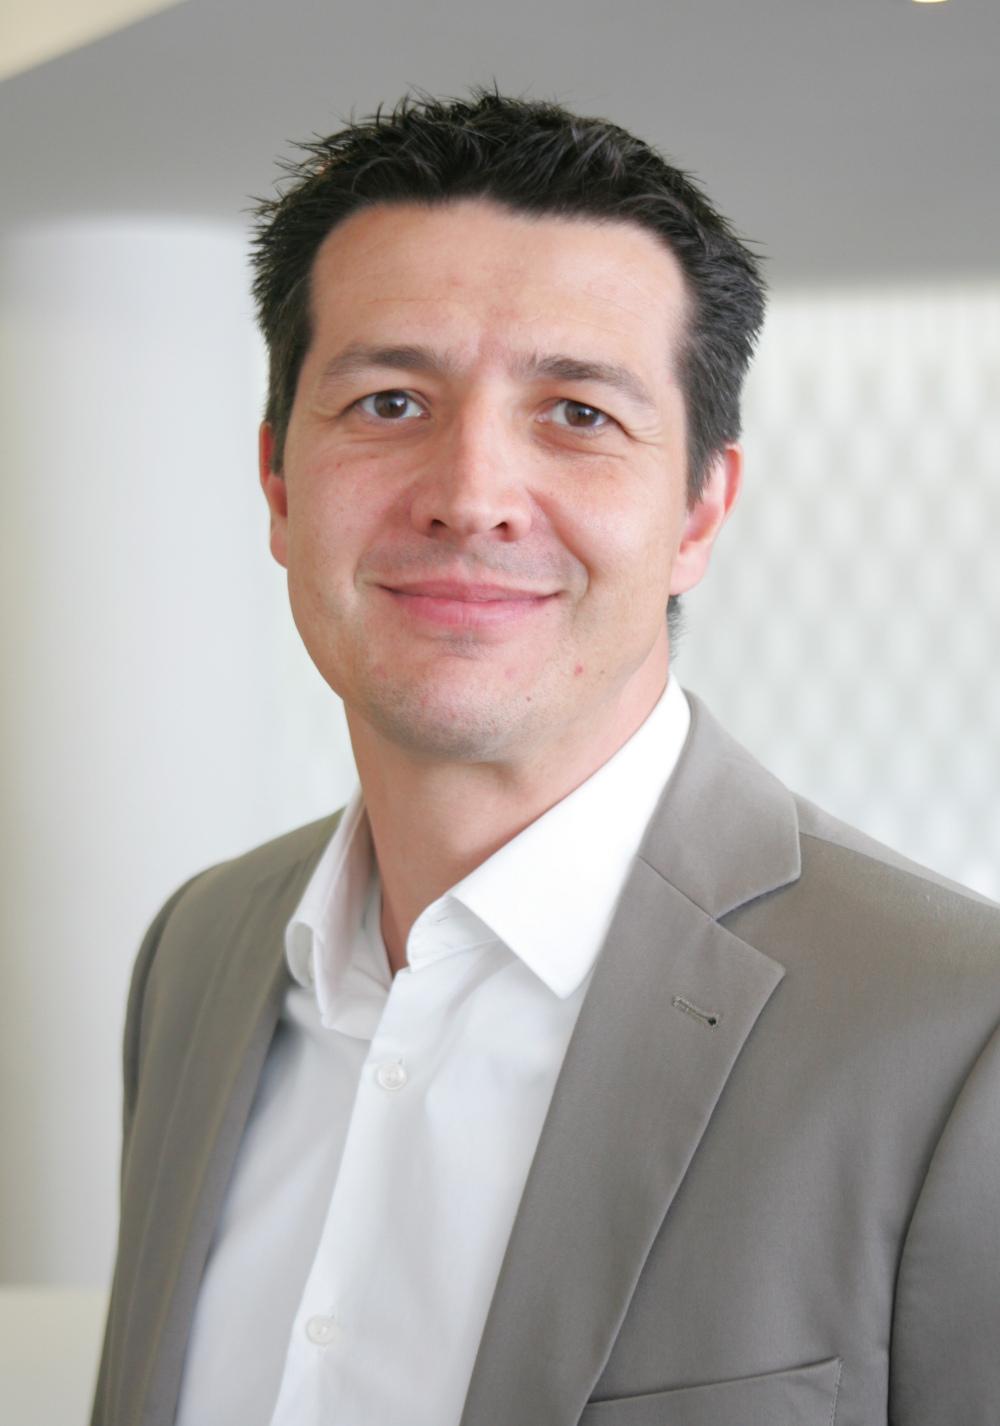 Sebastian Wendel iz kompanije Akzenta pridružio se odboru MMFA kao novi član